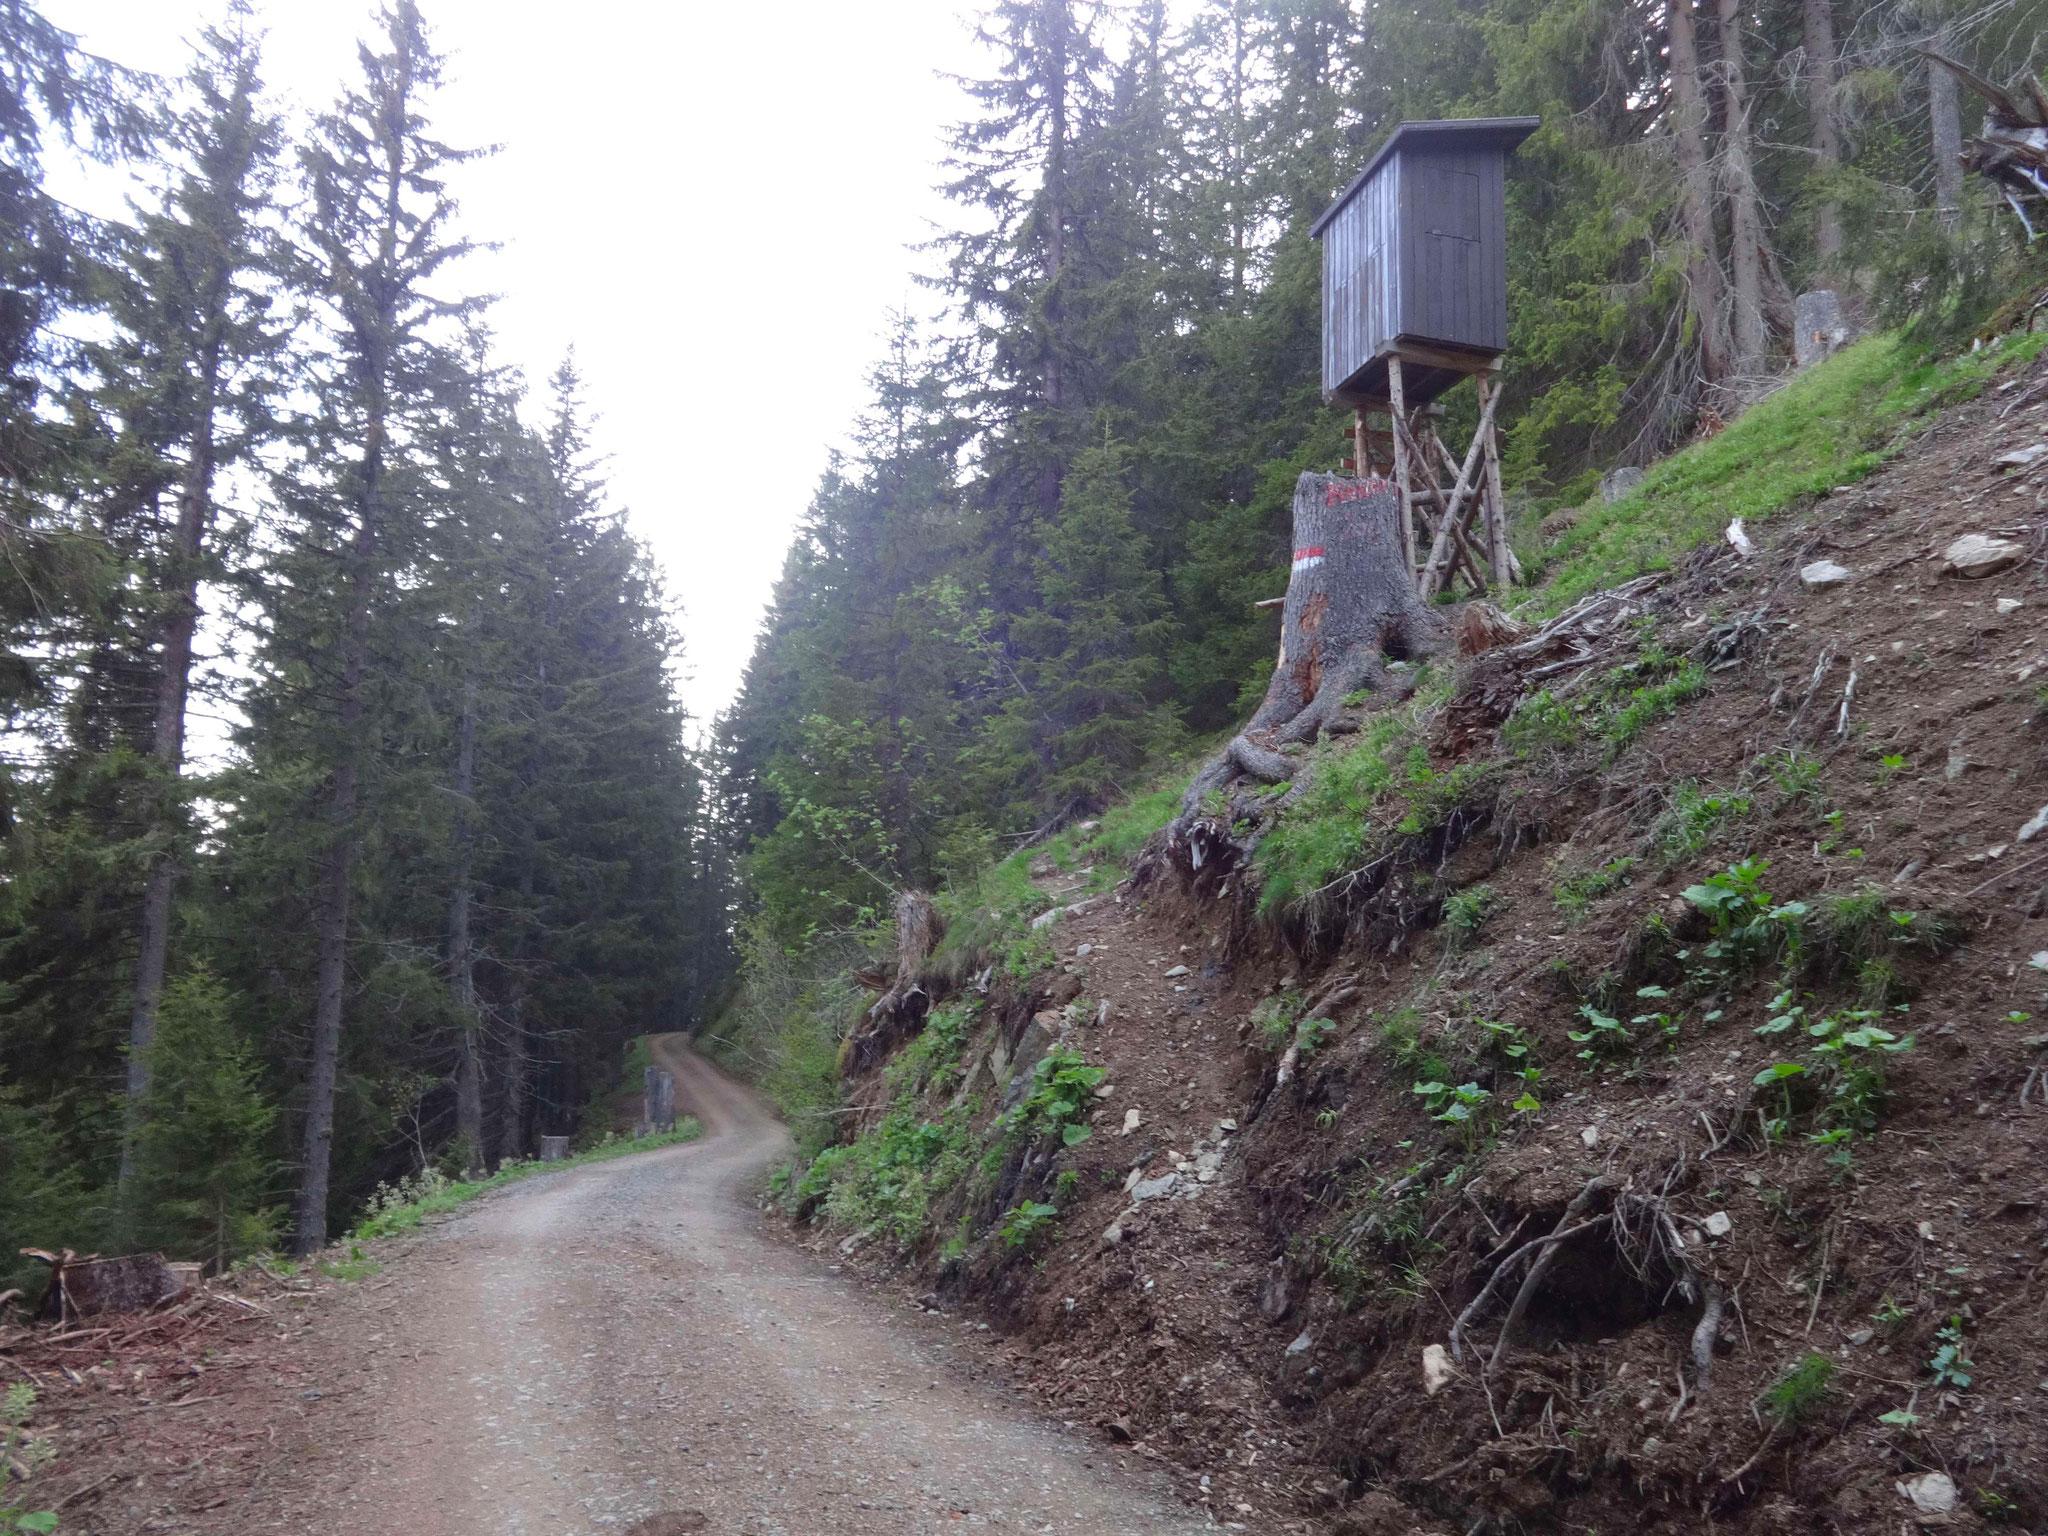 Kurz nach der Forststraße biegt der Wanderweg rechts bei einem Jagastand ab. Bis hierher auch mit Mountainbike möglich...